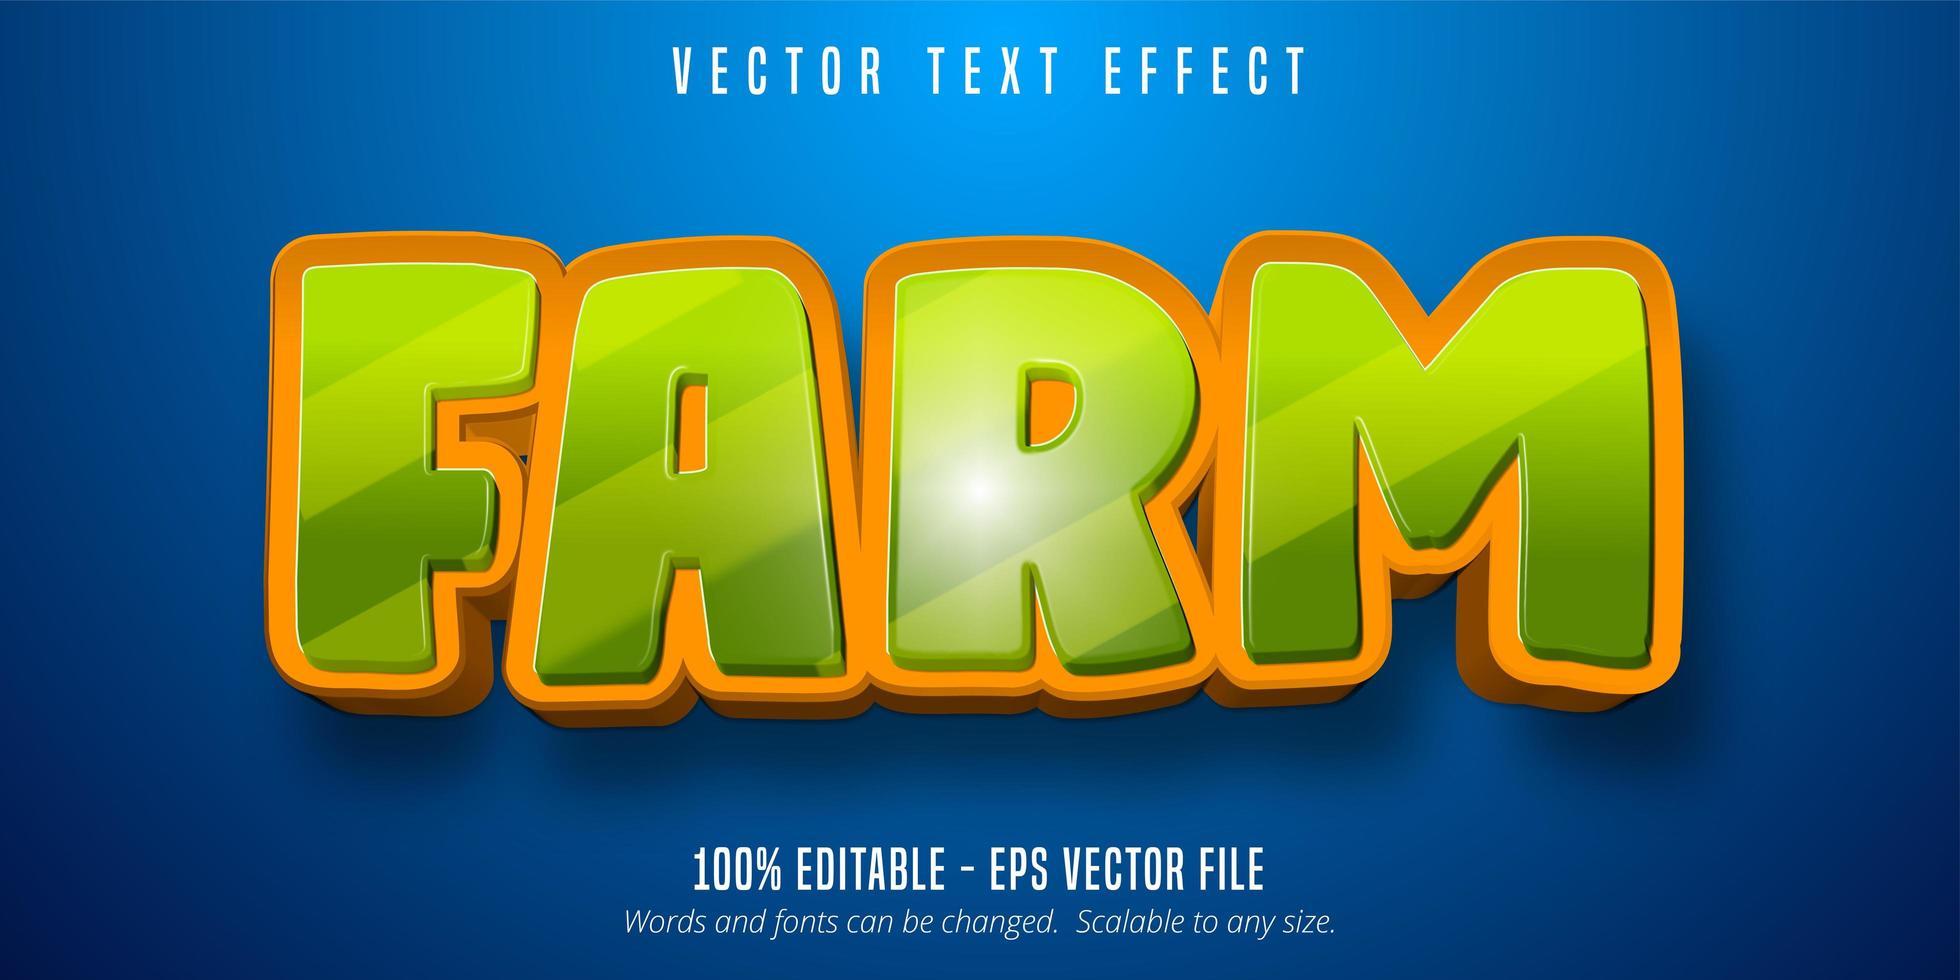 effetto di testo modificabile in stile cartone animato fattoria vettore